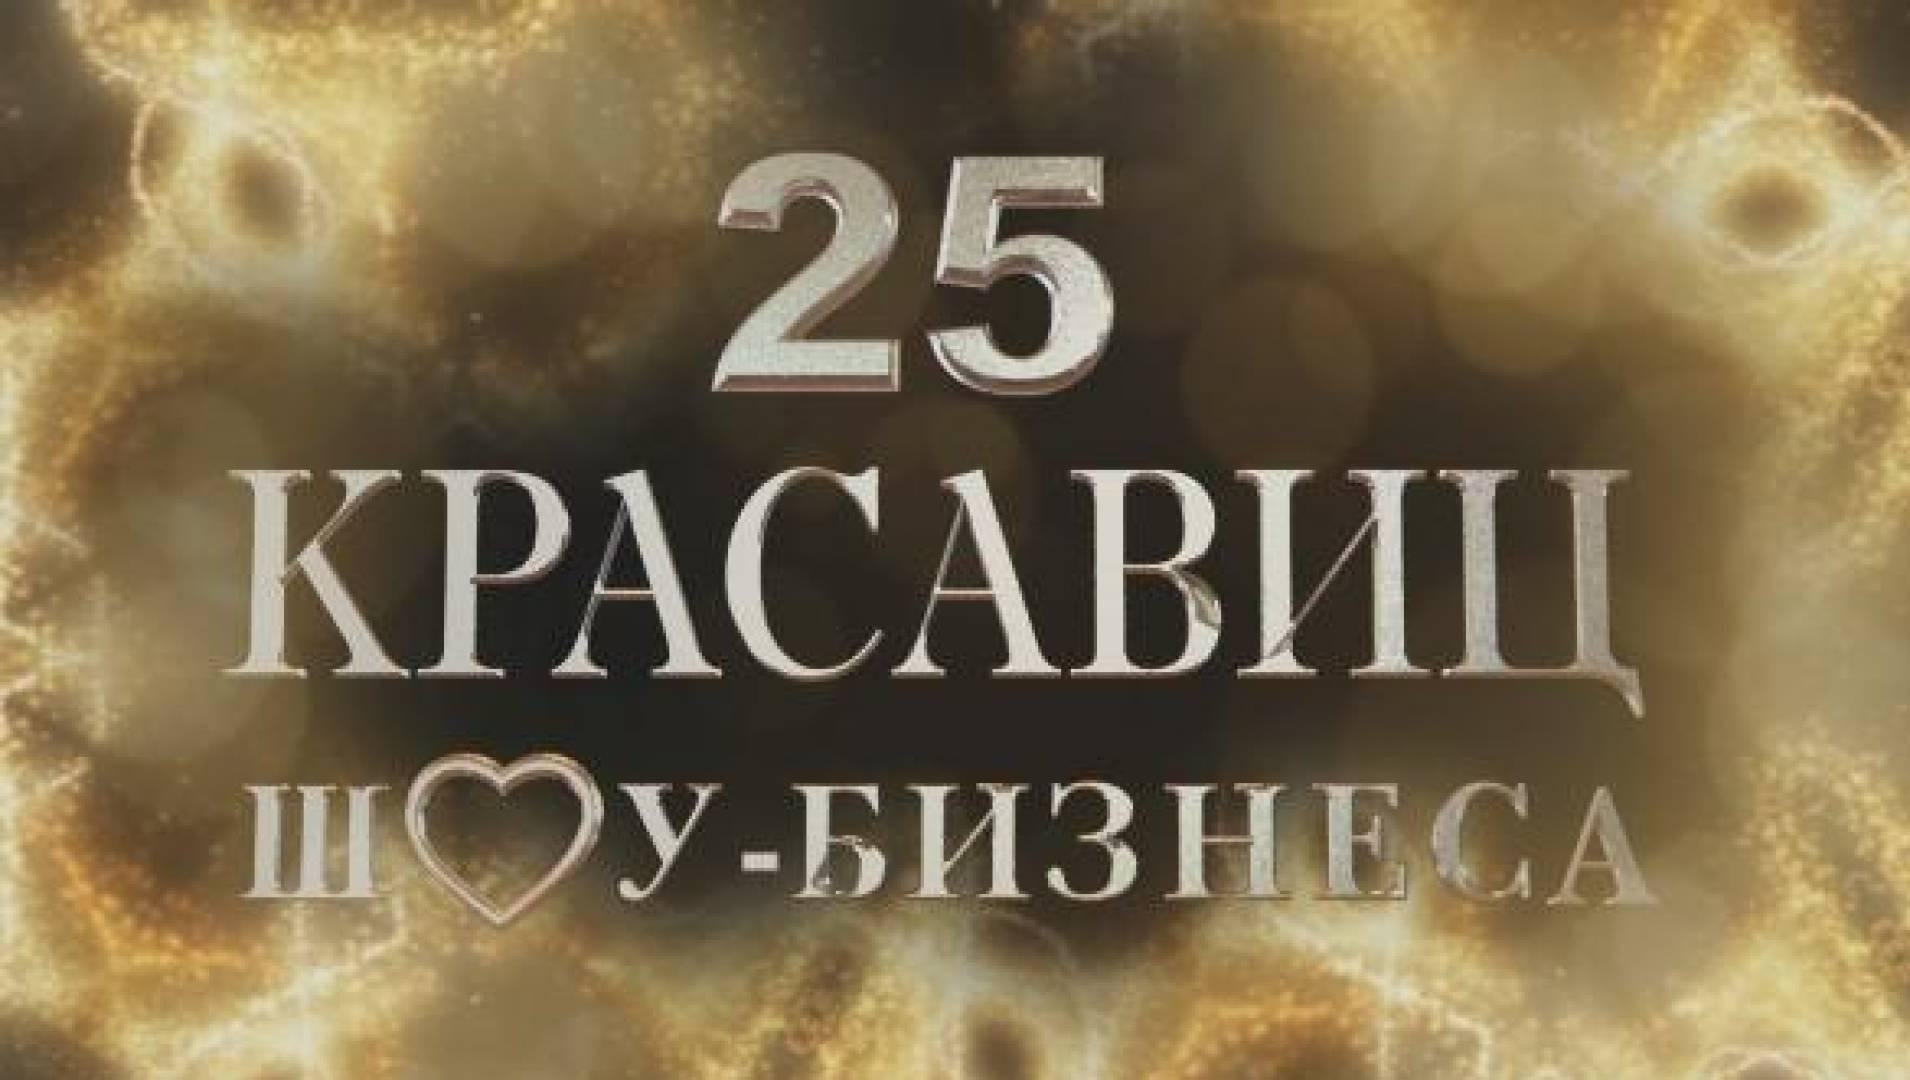 25красавиц шоу-бизнеса - Развлекательная, Программа